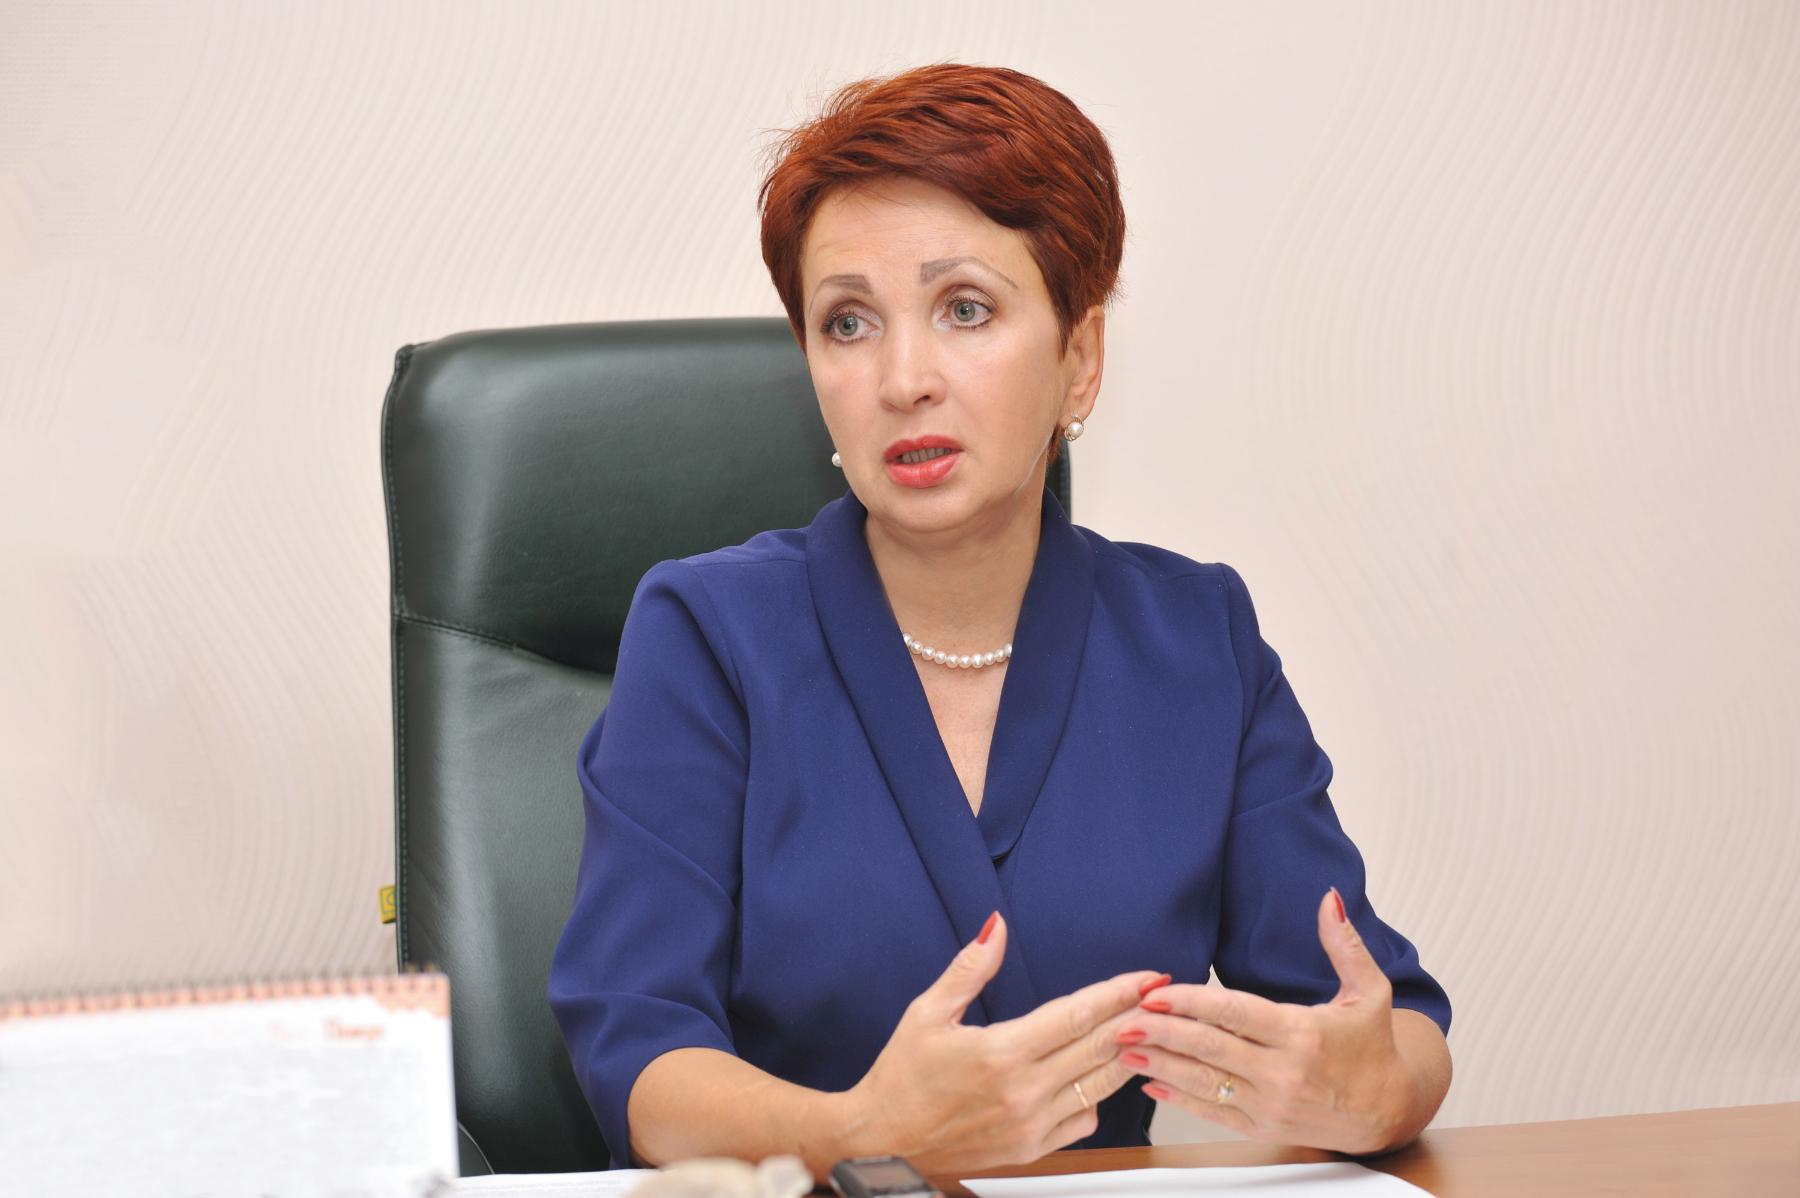 микрокредит красноярск займ на карту с открытыми просрочками rsb24.ru